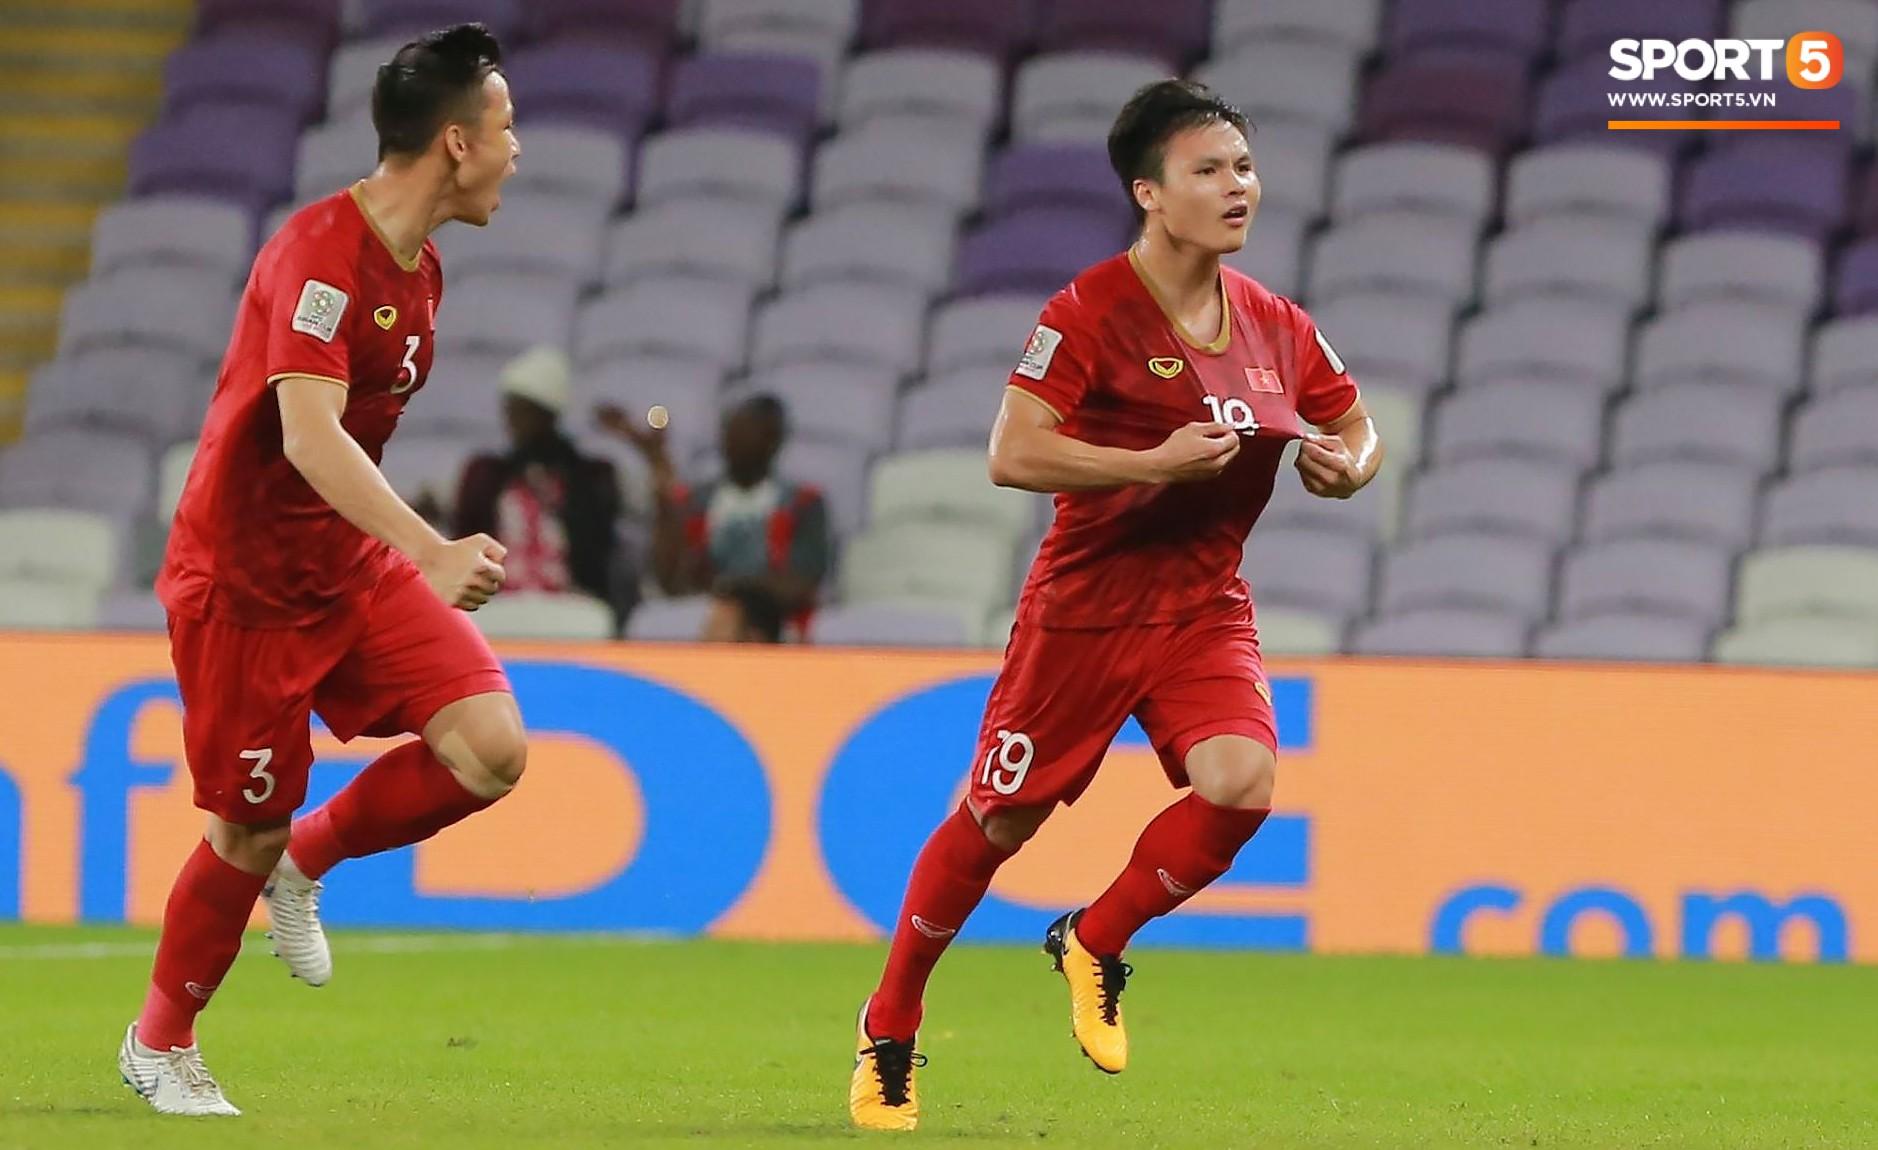 Quang Hải ăn mừng cực nhiệt khi tái hiện siêu phẩm cầu vồng tại Asian Cup 2019-3